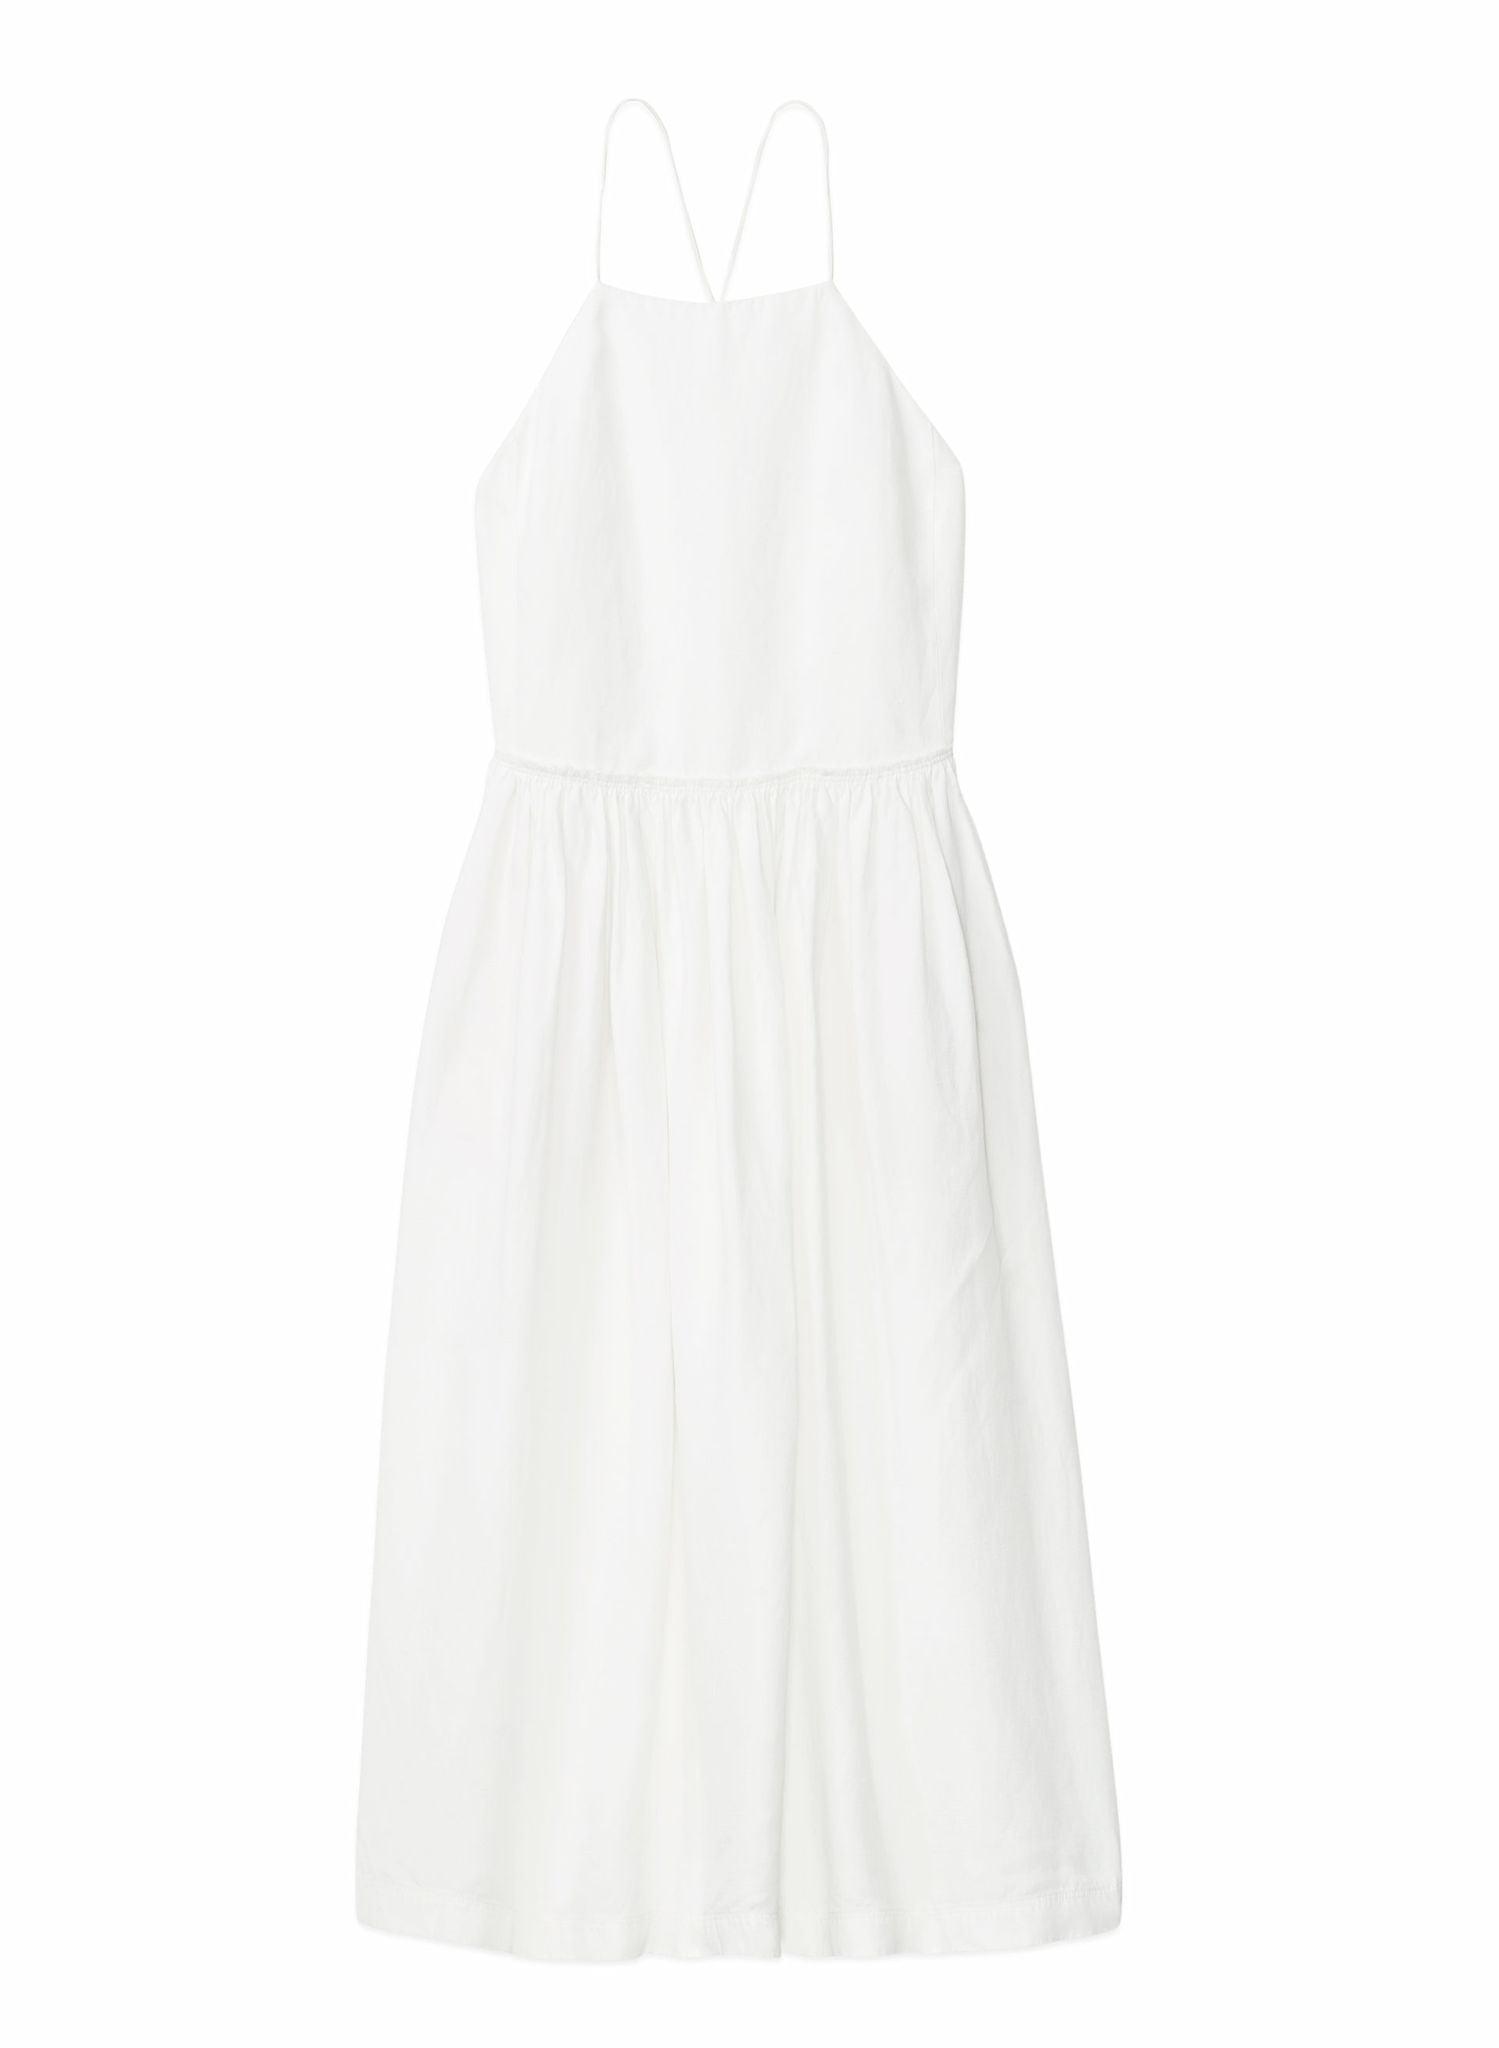 Aritzia White Dress